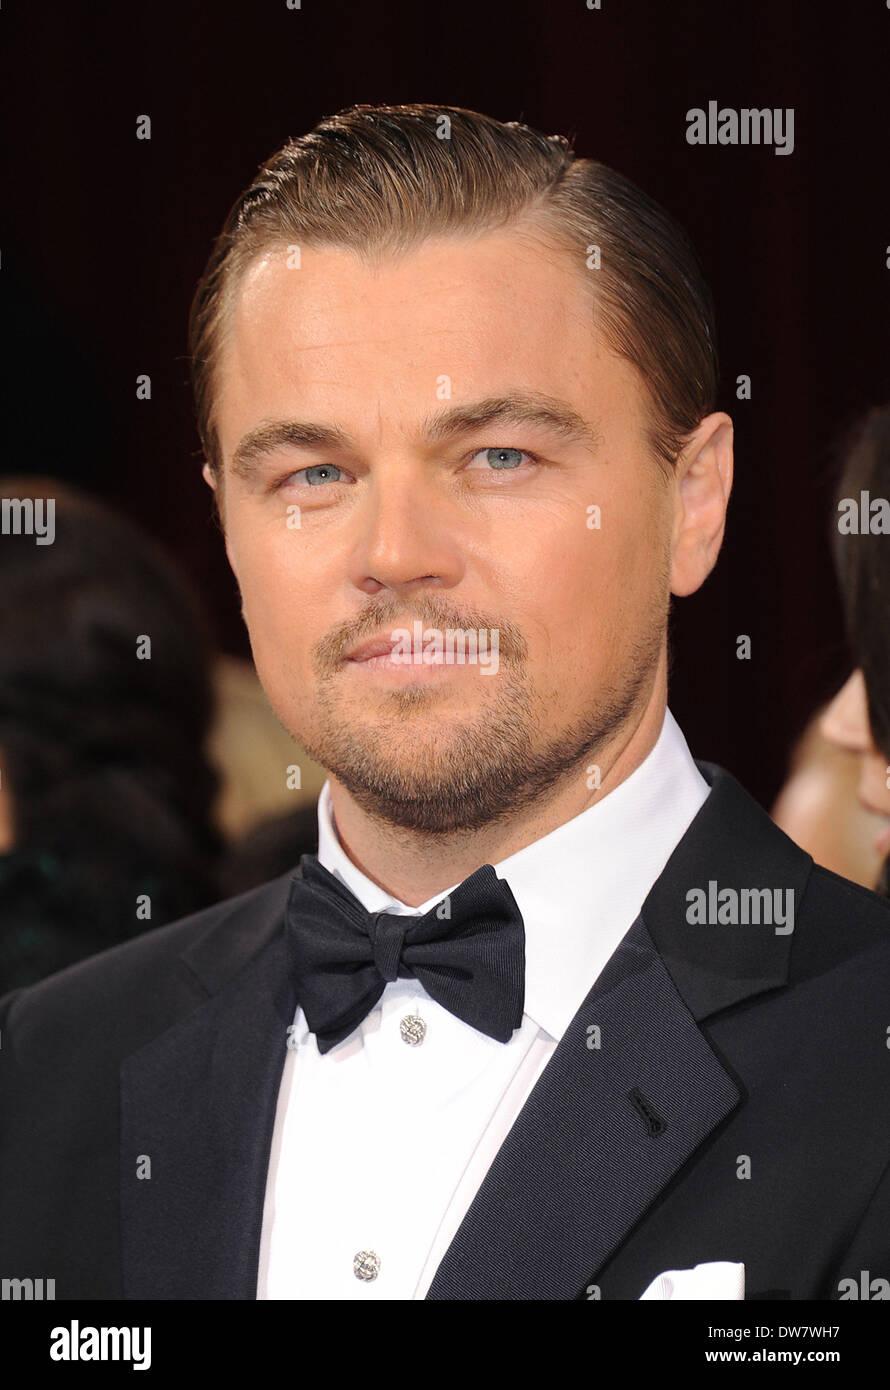 Hollywood, California, USA. 2º de marzo de 2014. LEONARDO DICAPRIO, nominado al Oscar al mejor actor por su Imagen De Stock